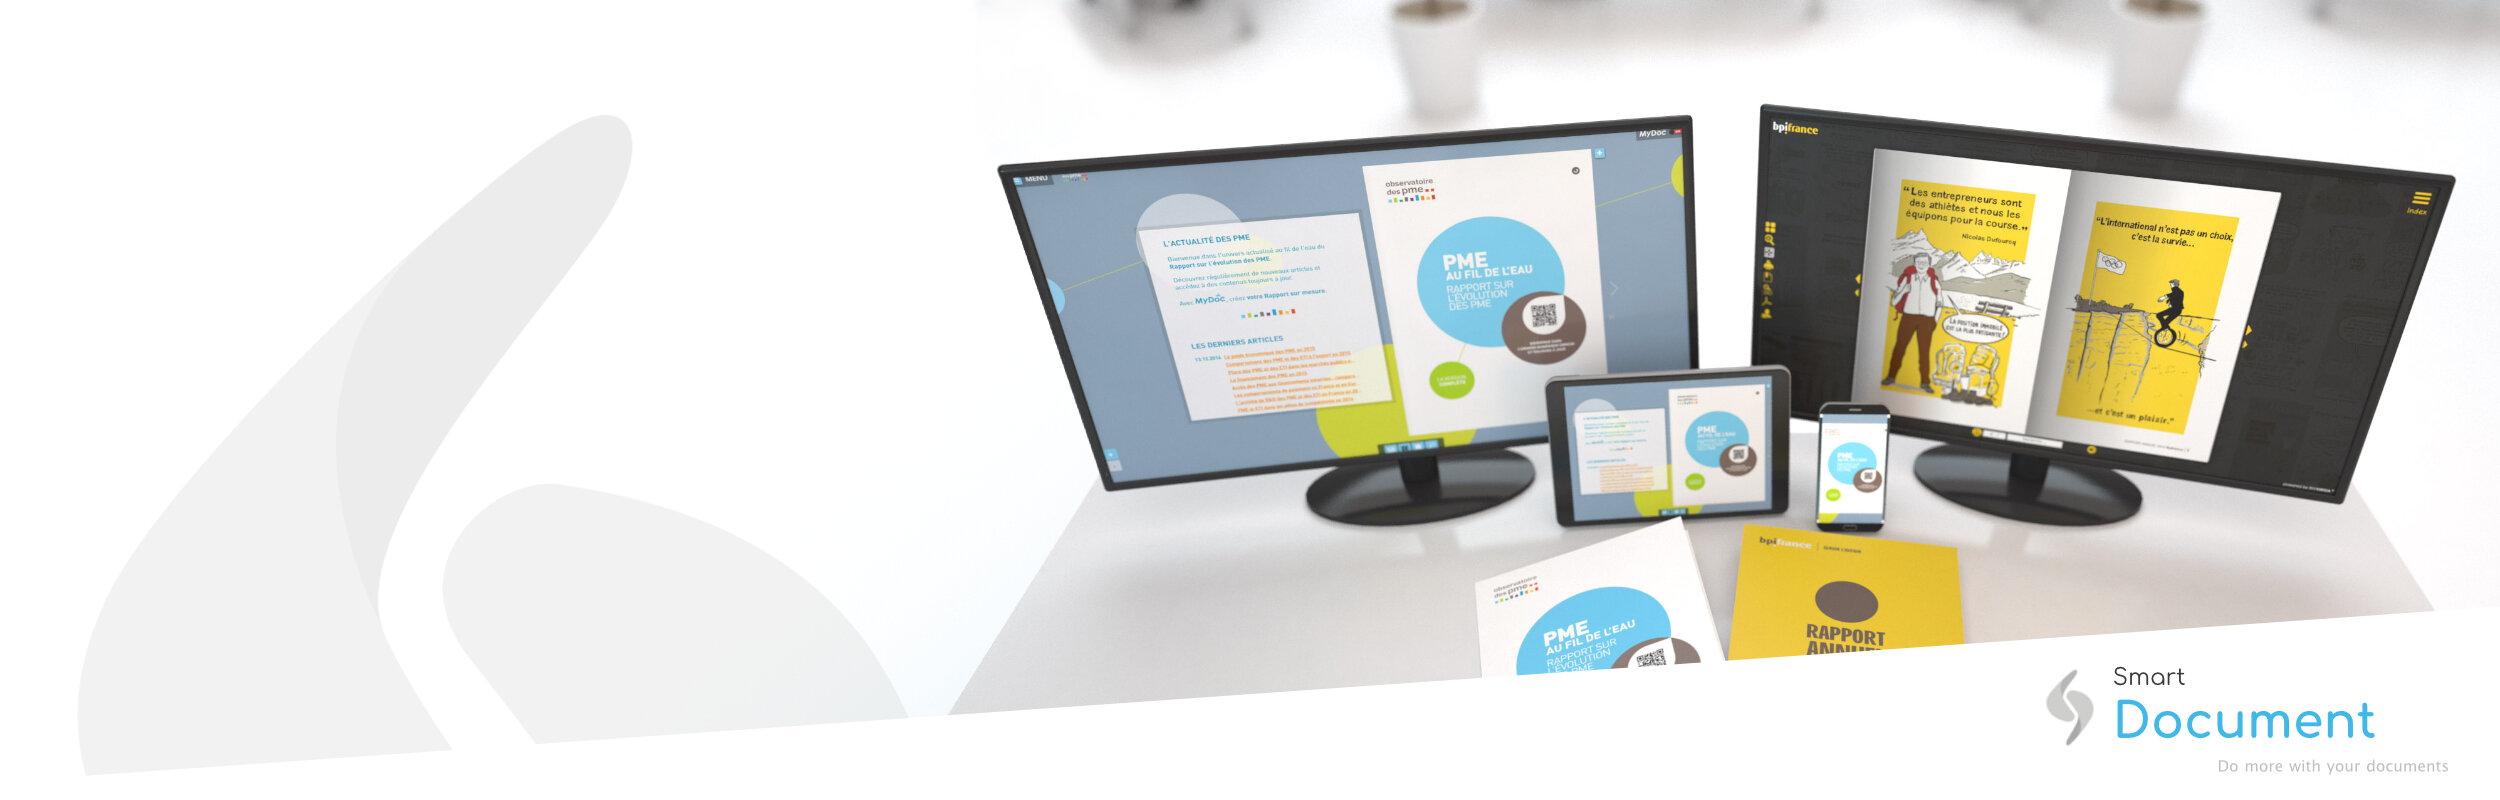 Smart Document - Augmentez l'attractivité de vos documents grâce à des contenus enrichis, interactifs et toujours à jour.